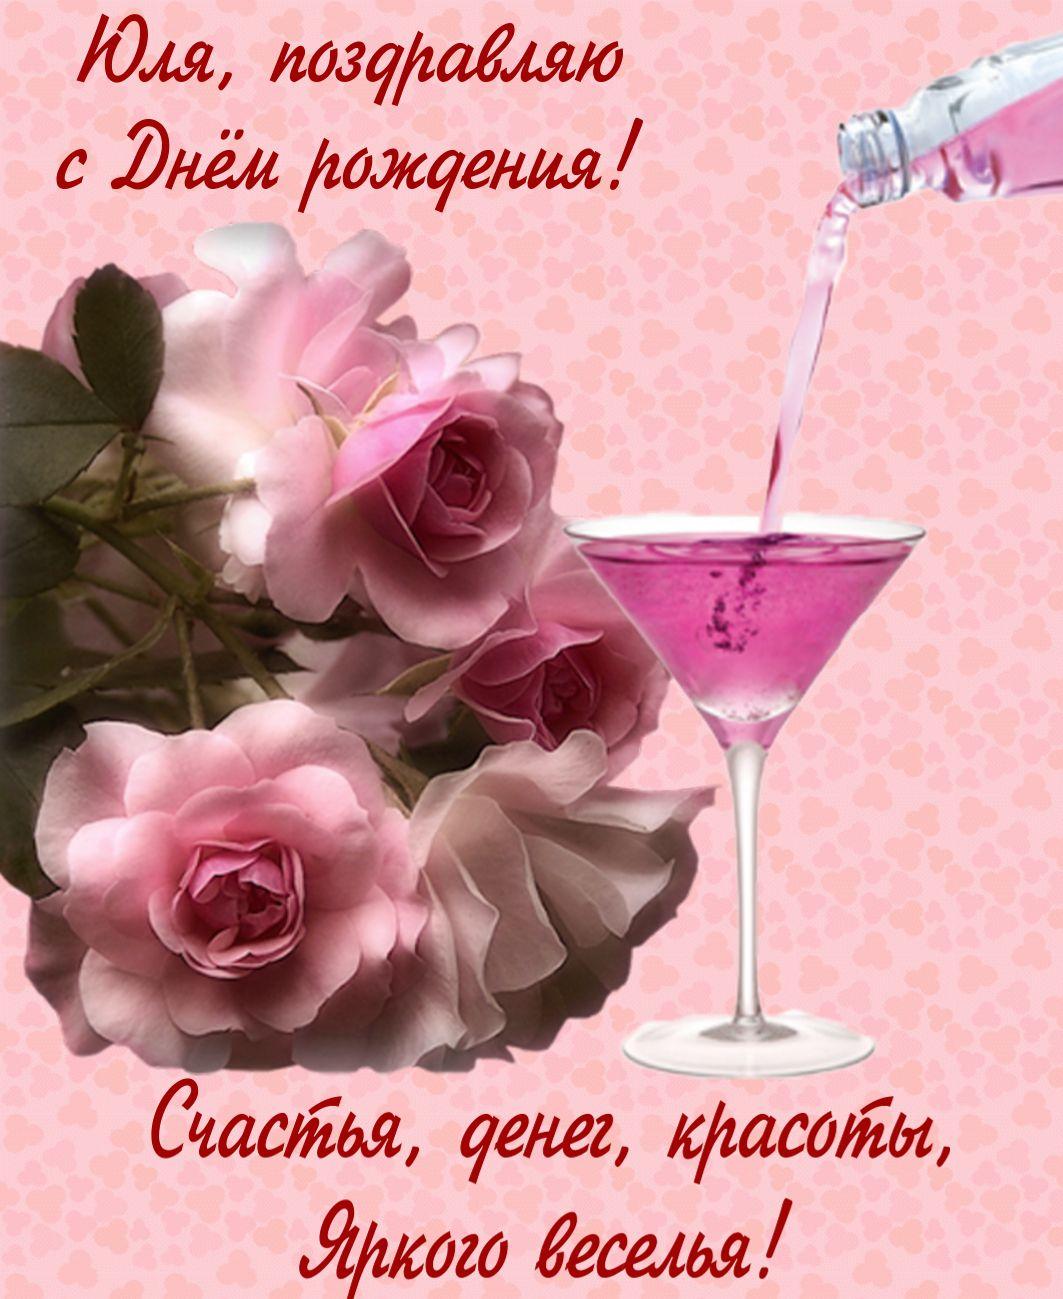 открытка - розовые розы на красивом фоне для Юли